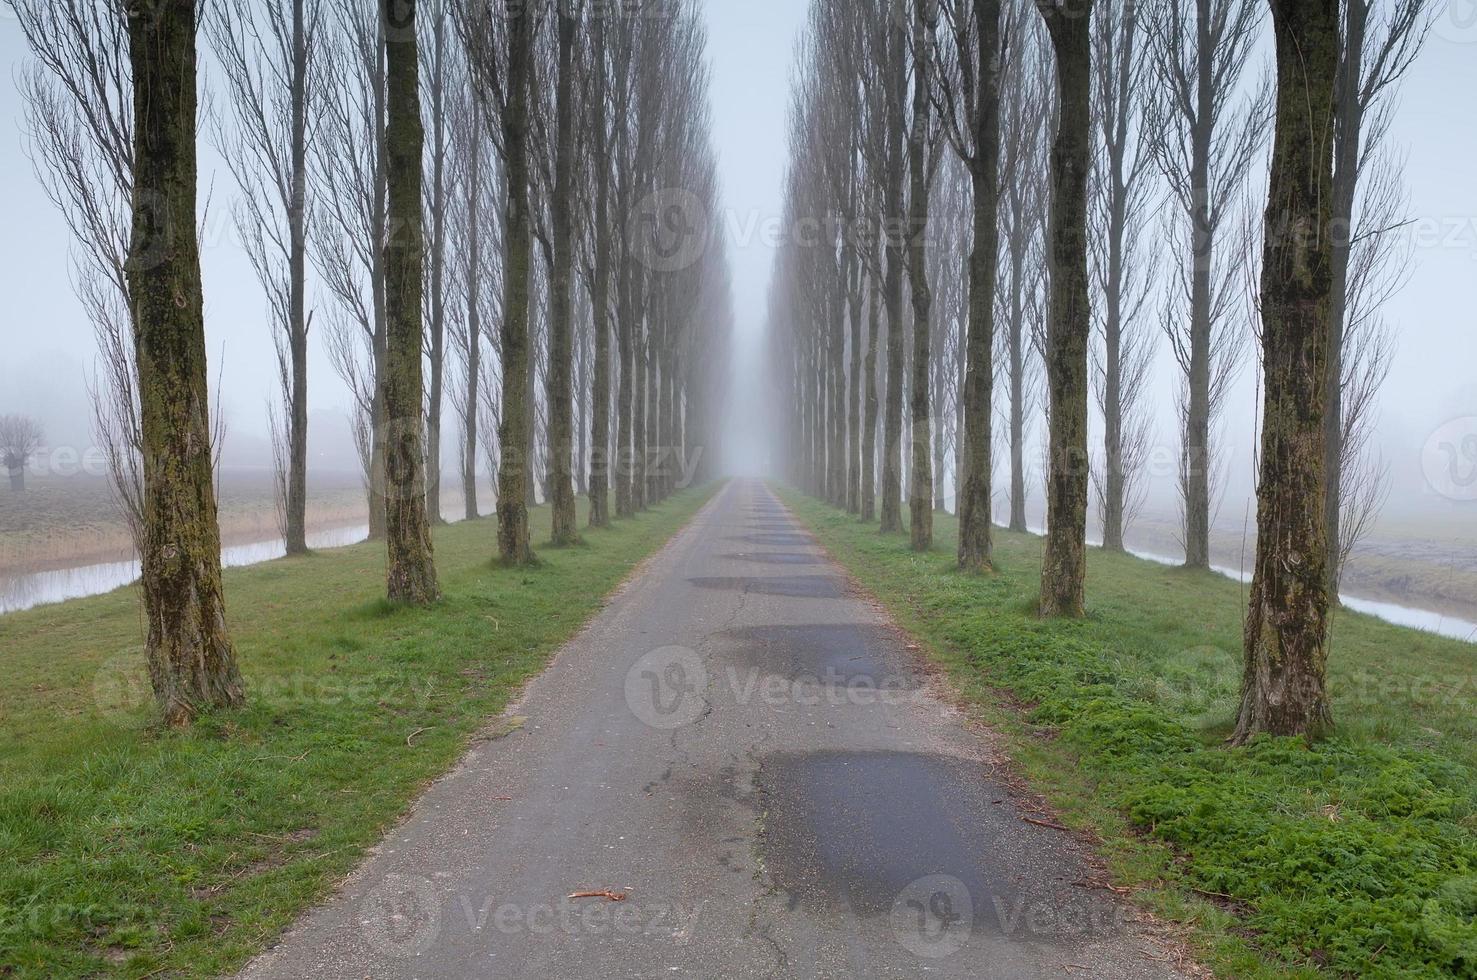 fietsweg tussen boomrijen in mist foto